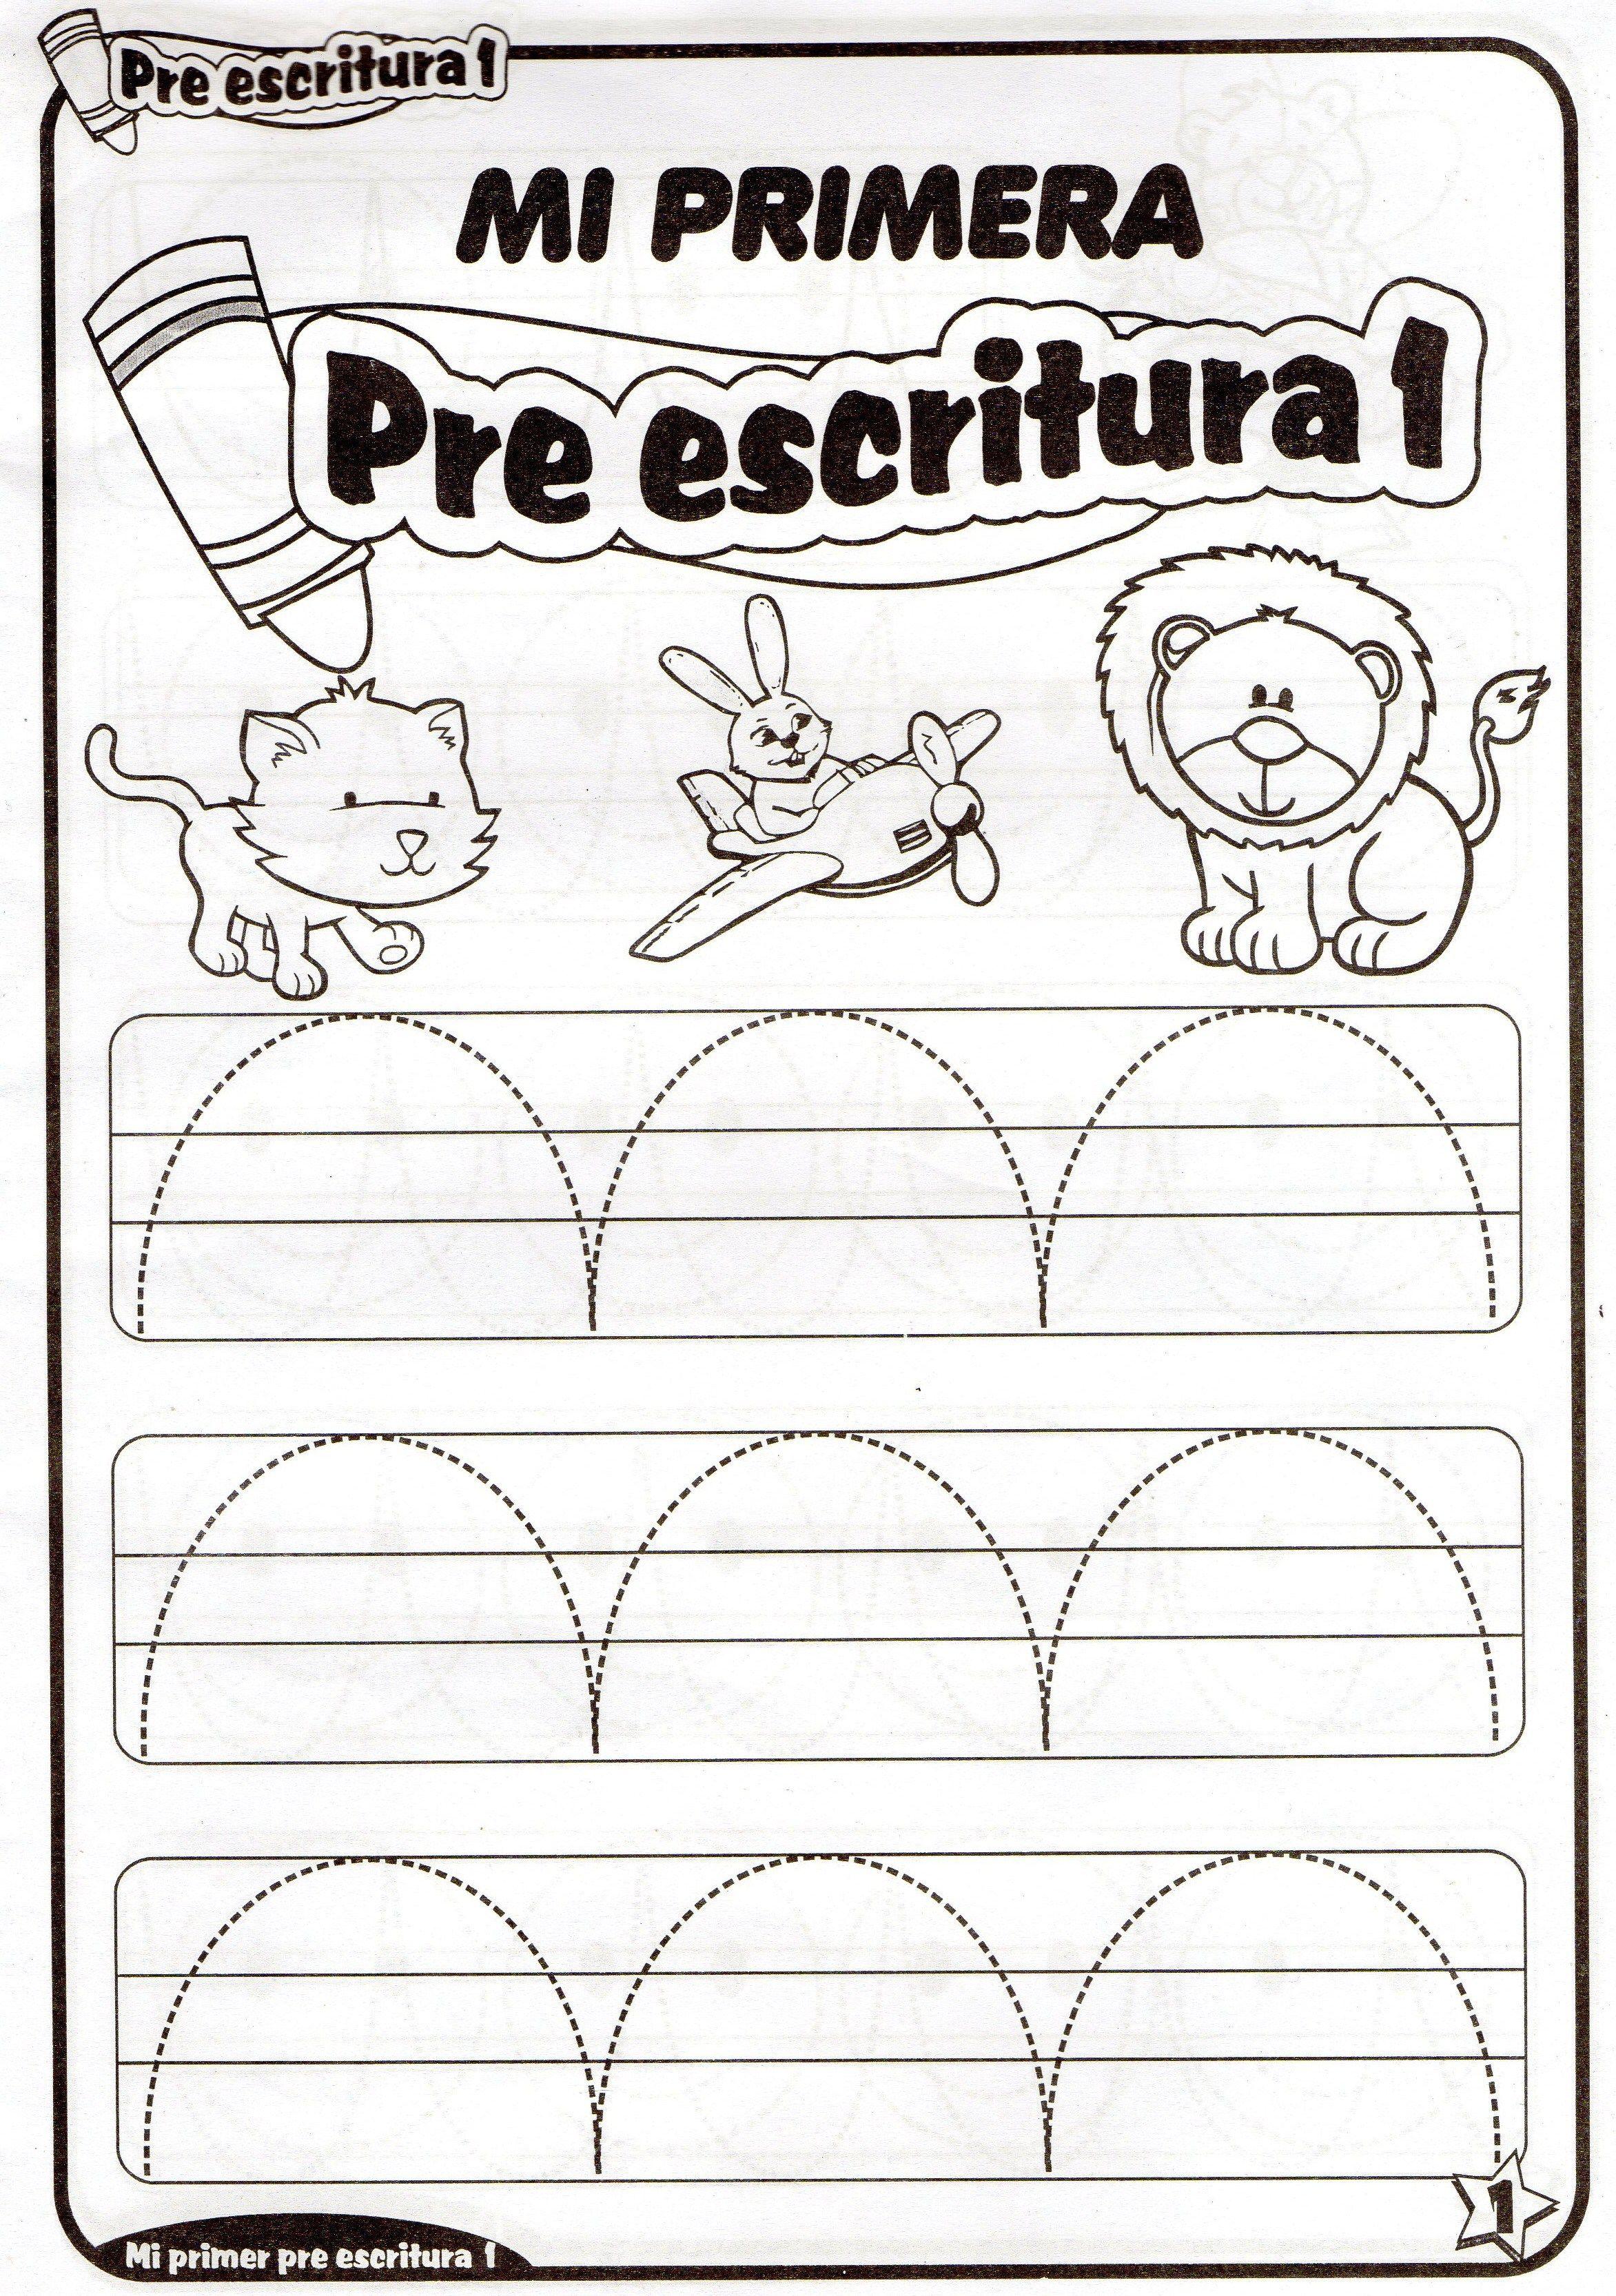 Fichas de preescritura imprimibles para niños de 4 años. Ejercicios ...